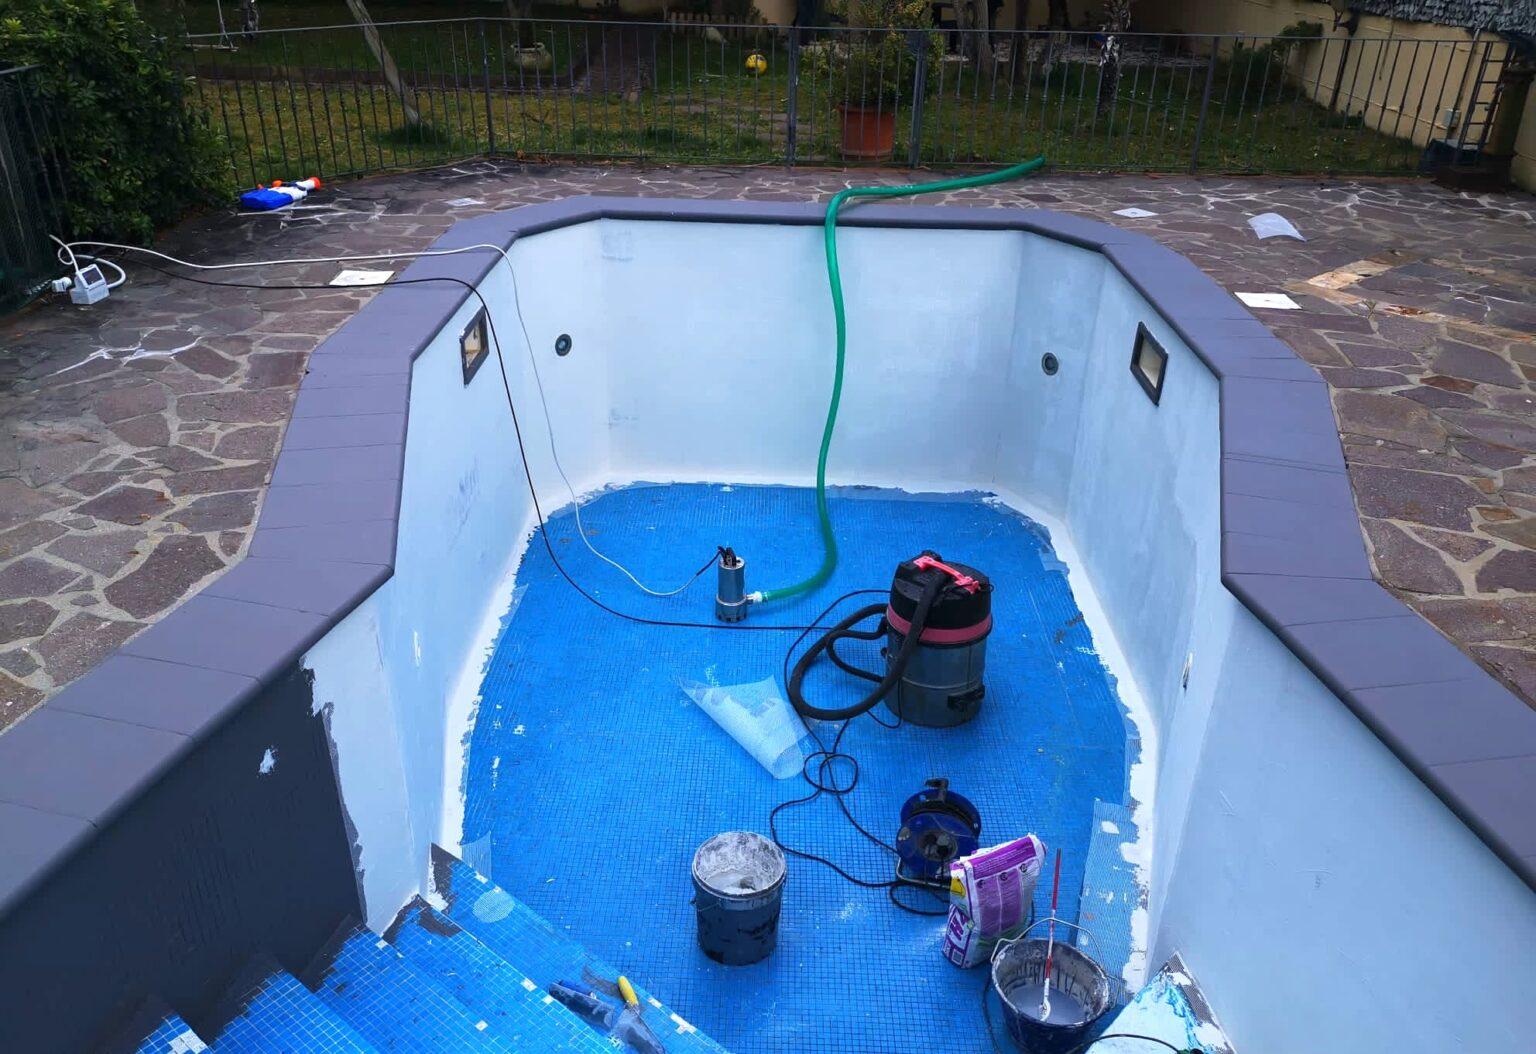 ripristino di una vecchia piscina con resina